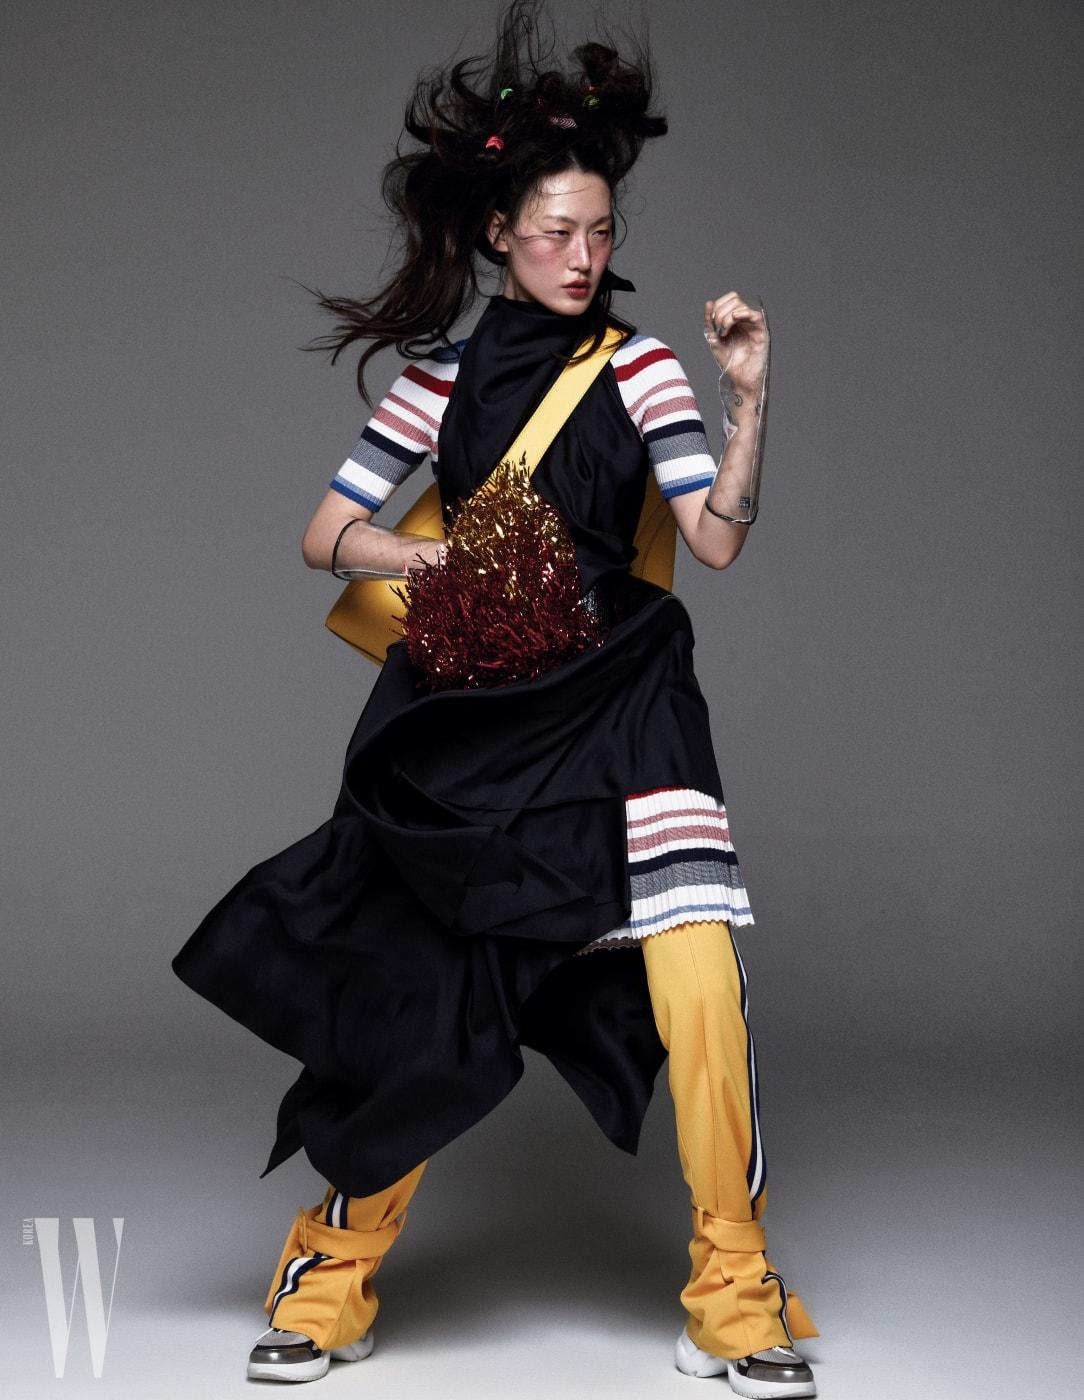 구조적인 실루엣의 검정 실크 드레스는 Celine, 줄무늬 니트 드레스는 Tommy Jeans, 팬츠는 YCH, 가방은 Calvin Klein Jeans Accessories, 투명 장갑은 Chanel, 스니커즈는 Louis Vu itton 제품.